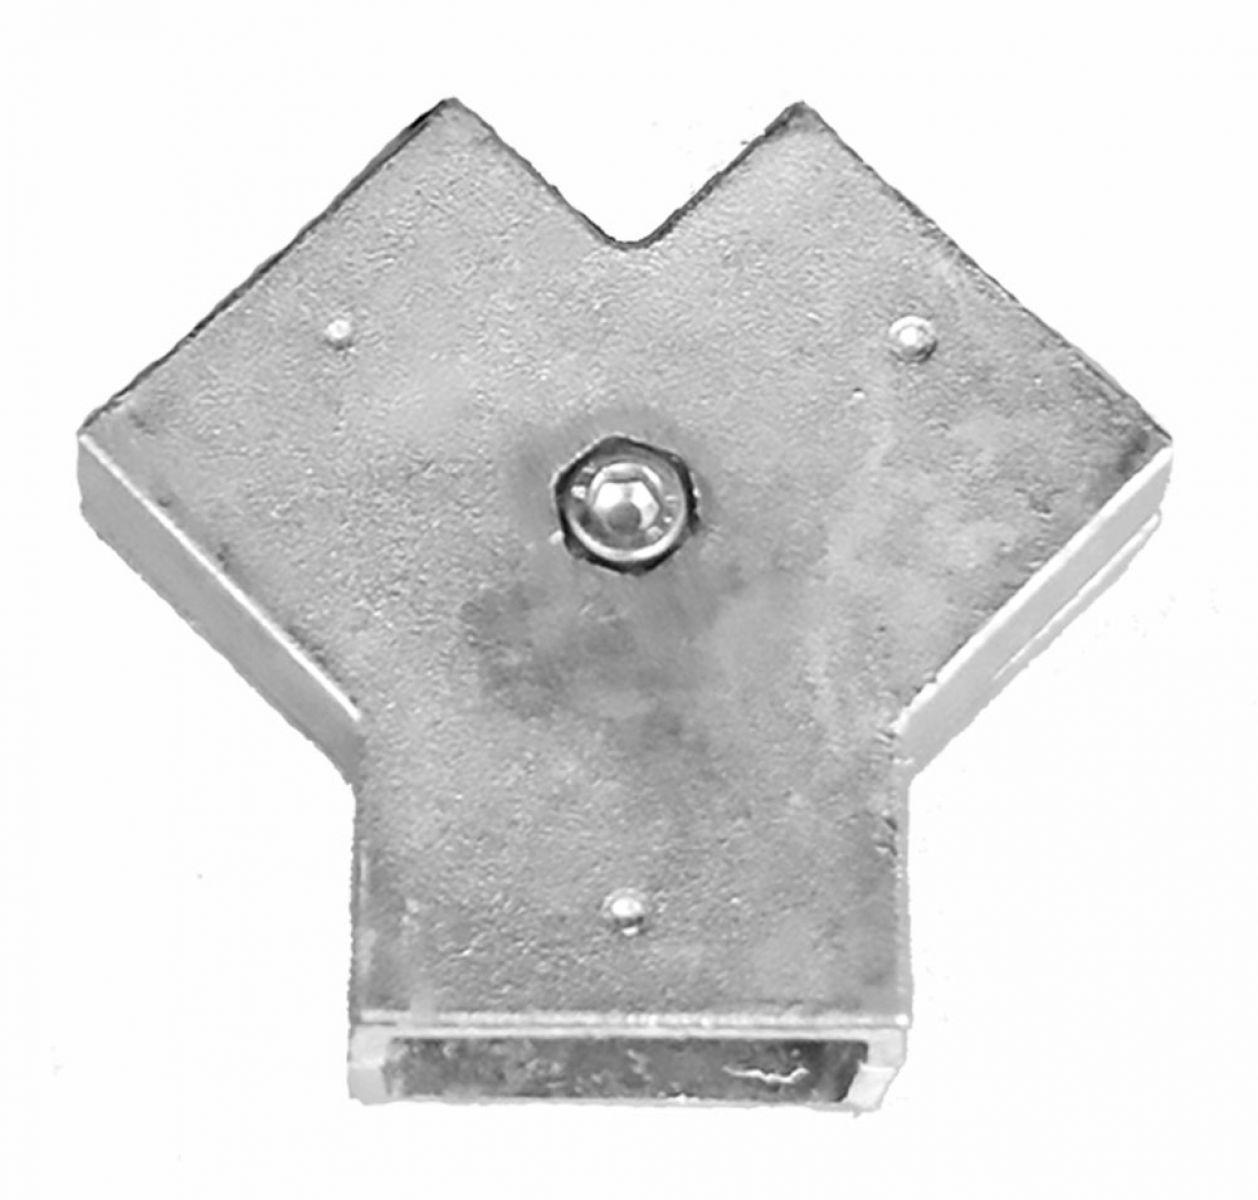 Zaun Nagel Doppelstabzaun übersteigschutz Zaunerhöhung